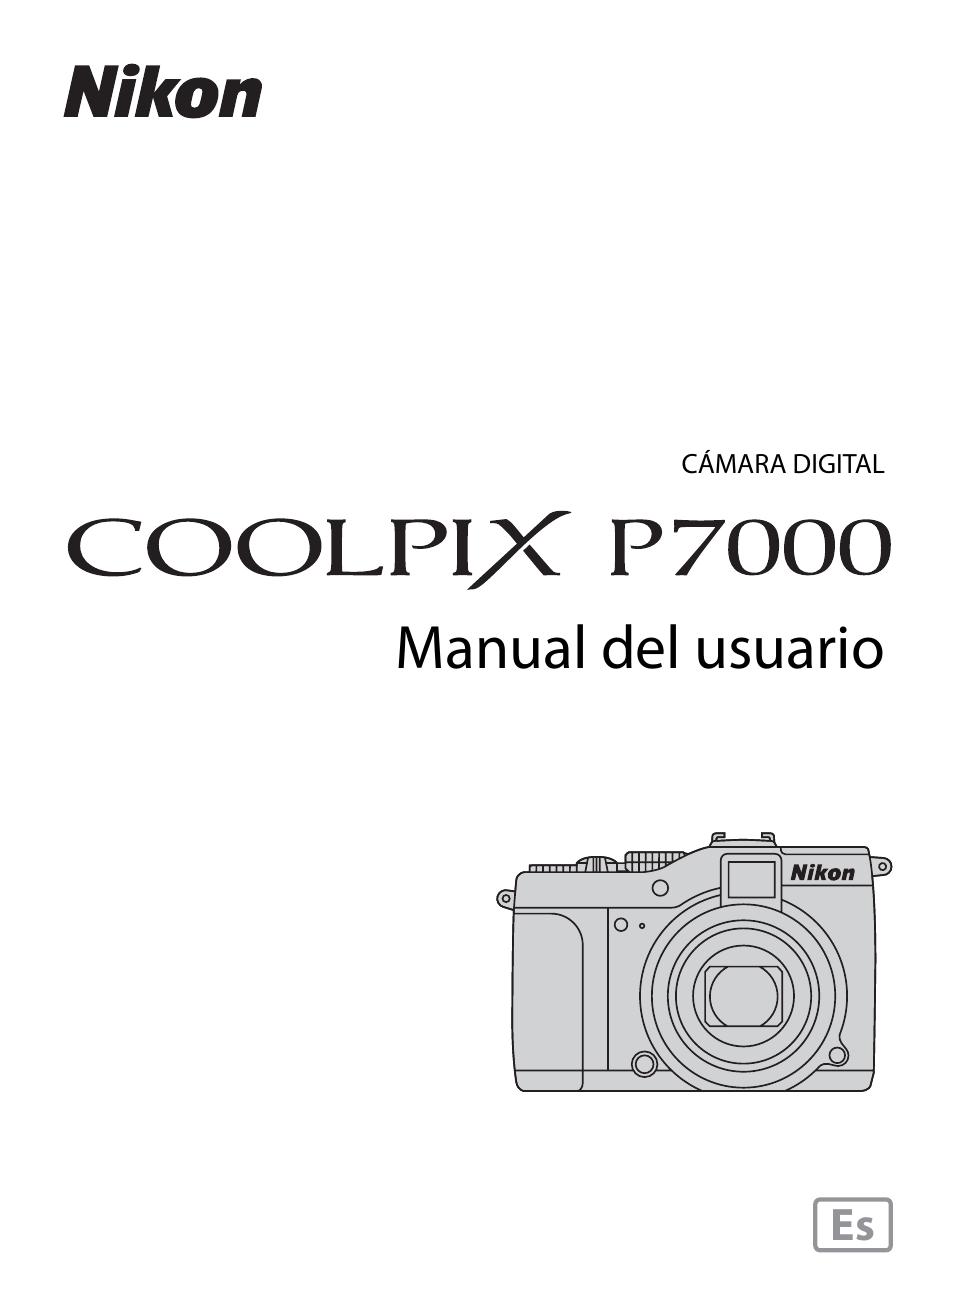 Nikon coolpix p7000 manual.